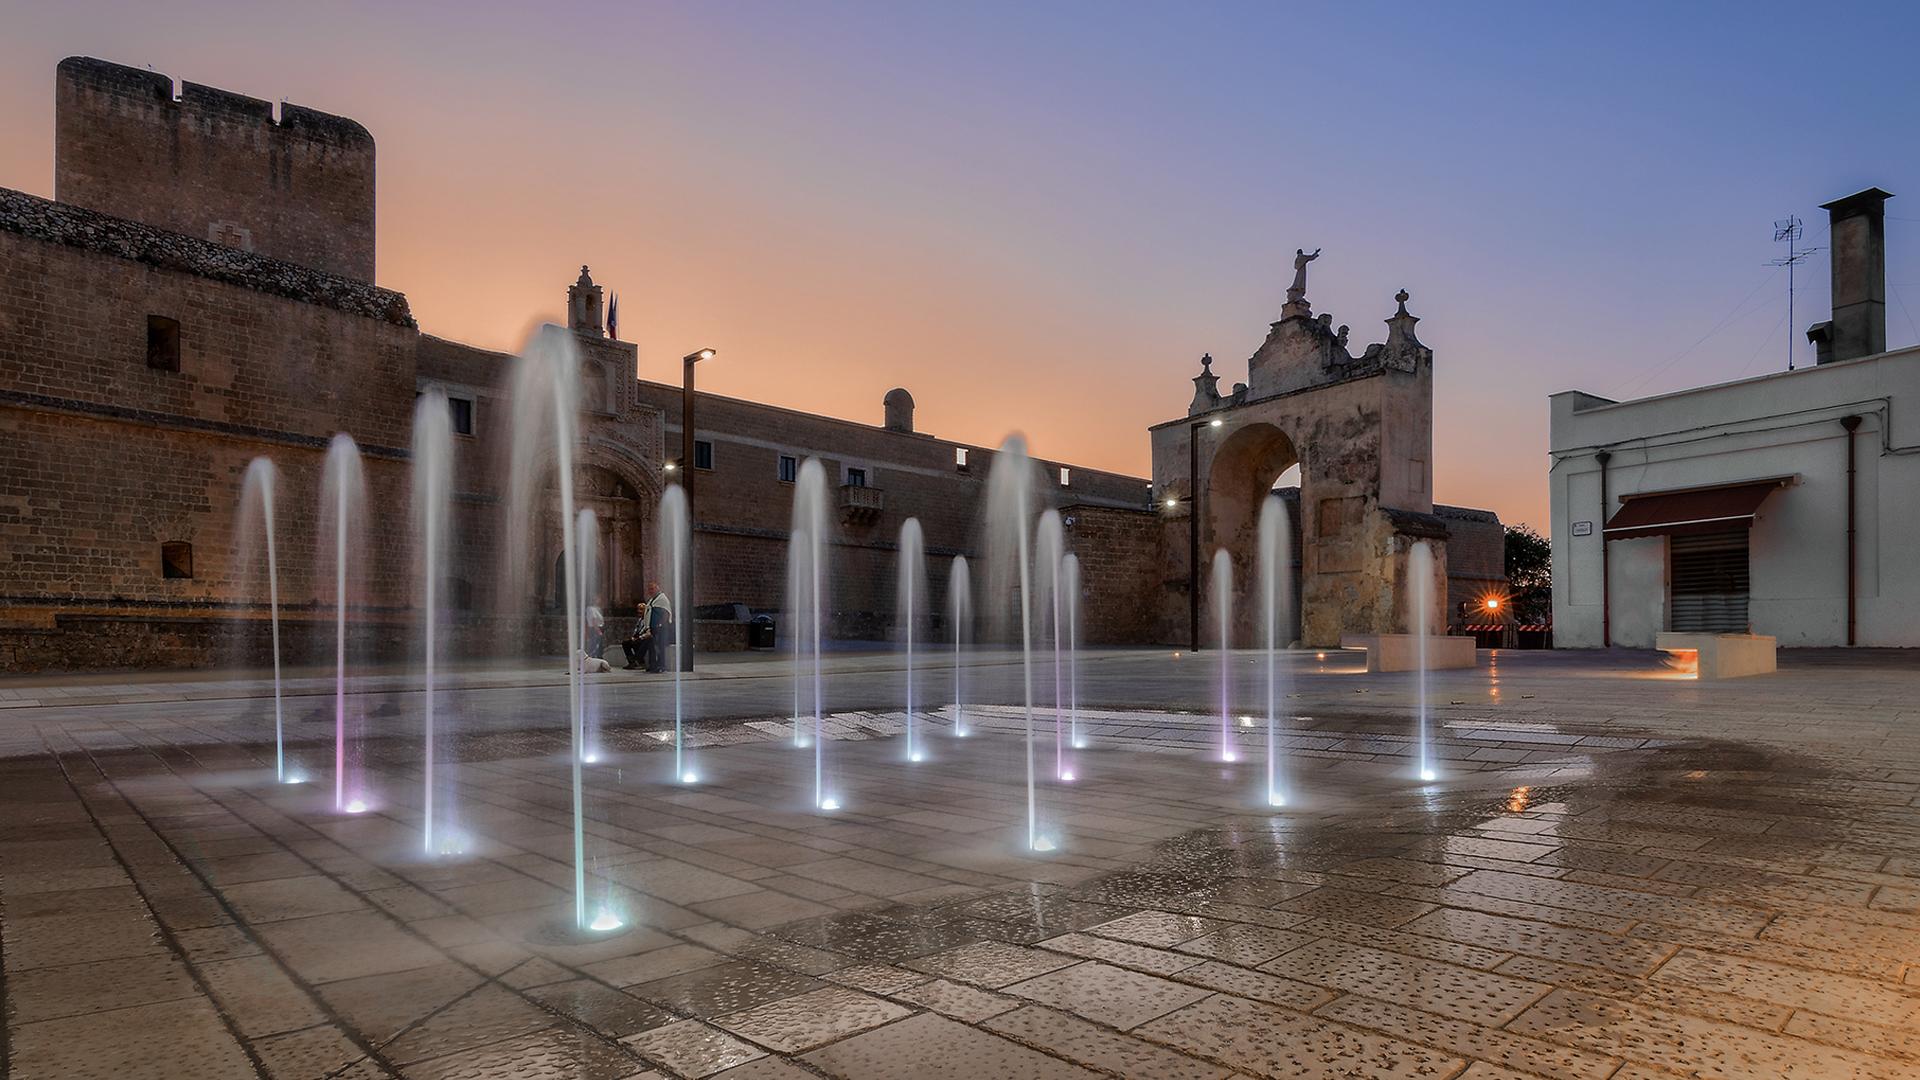 Lampioni di design per illuminazione a LED di piazza con fontana